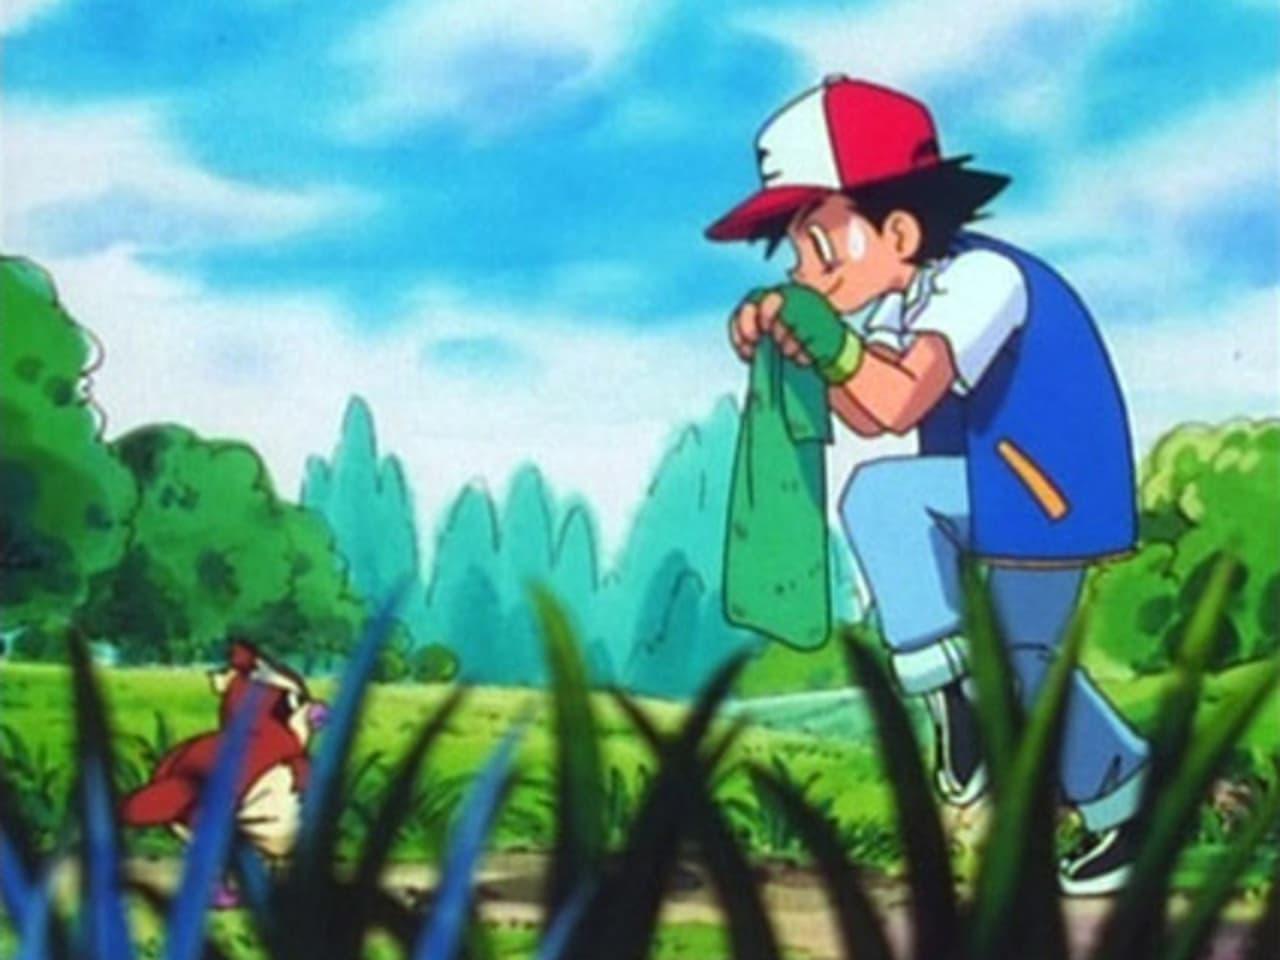 Pokémon - Season 1 Episode 1 : Pokémon! I Choose You! (2020)